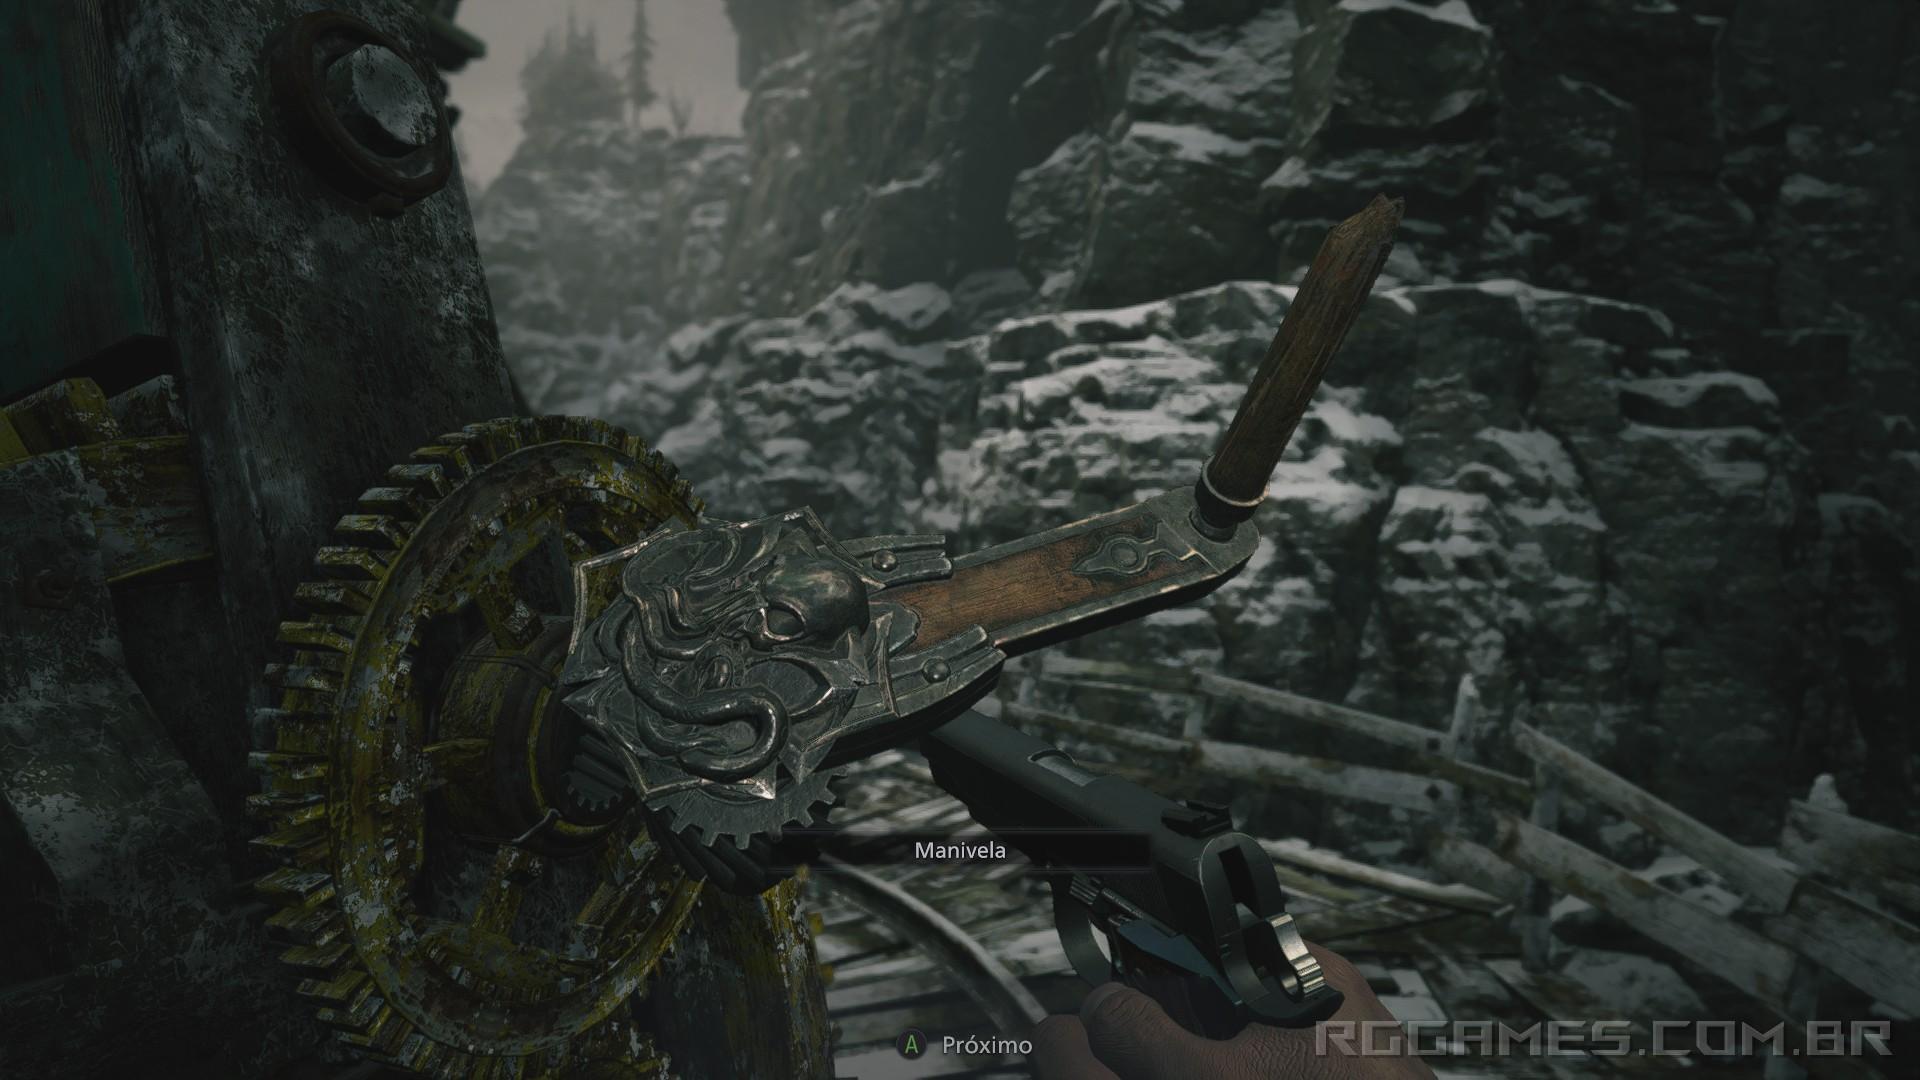 Resident Evil Village Biohazard Village Screenshot 2021.05.10 16.12.44.05